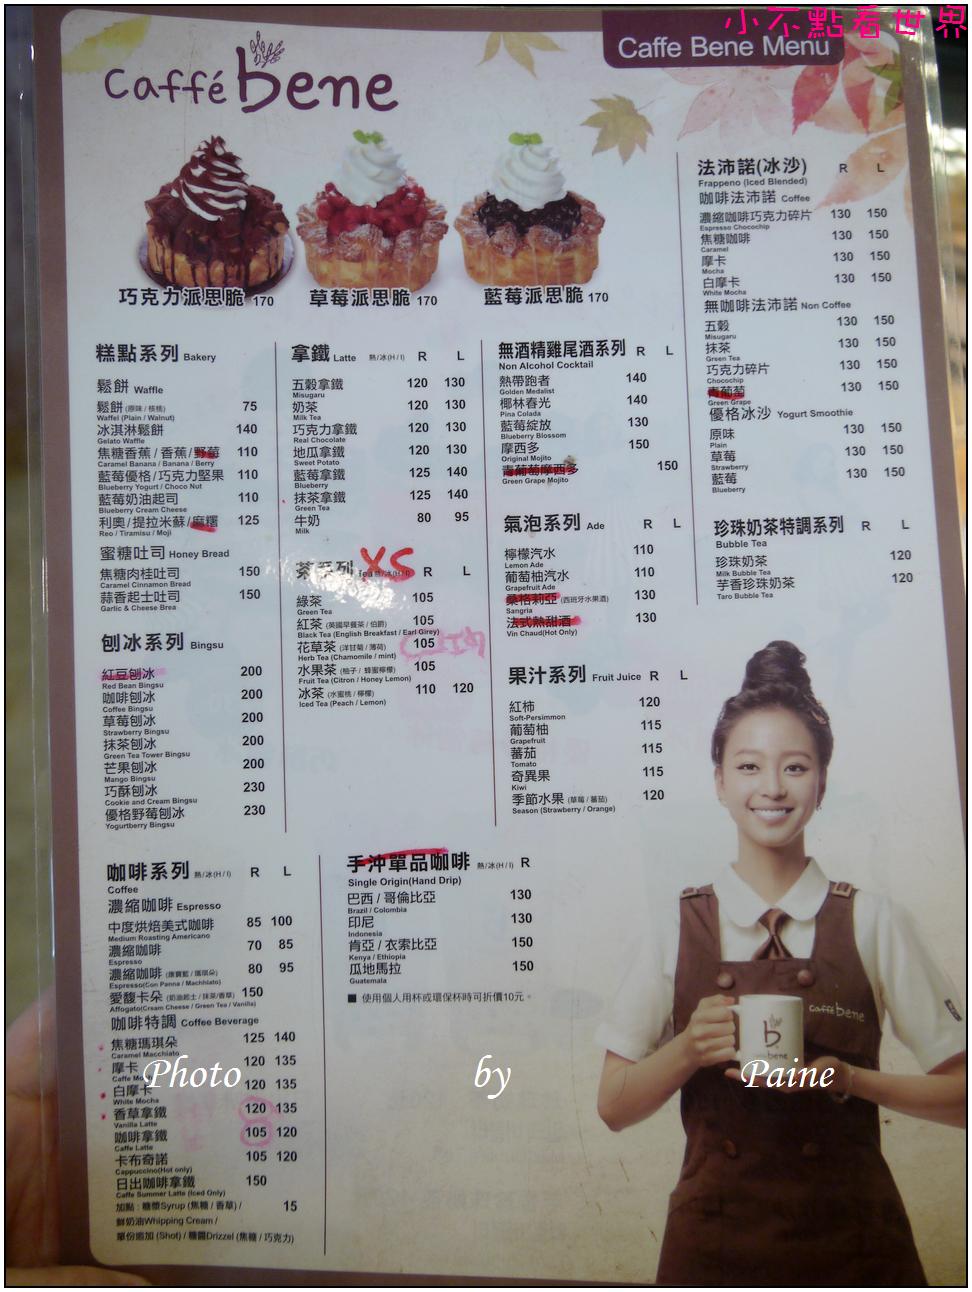 高雄Caffe Bene (9).JPG